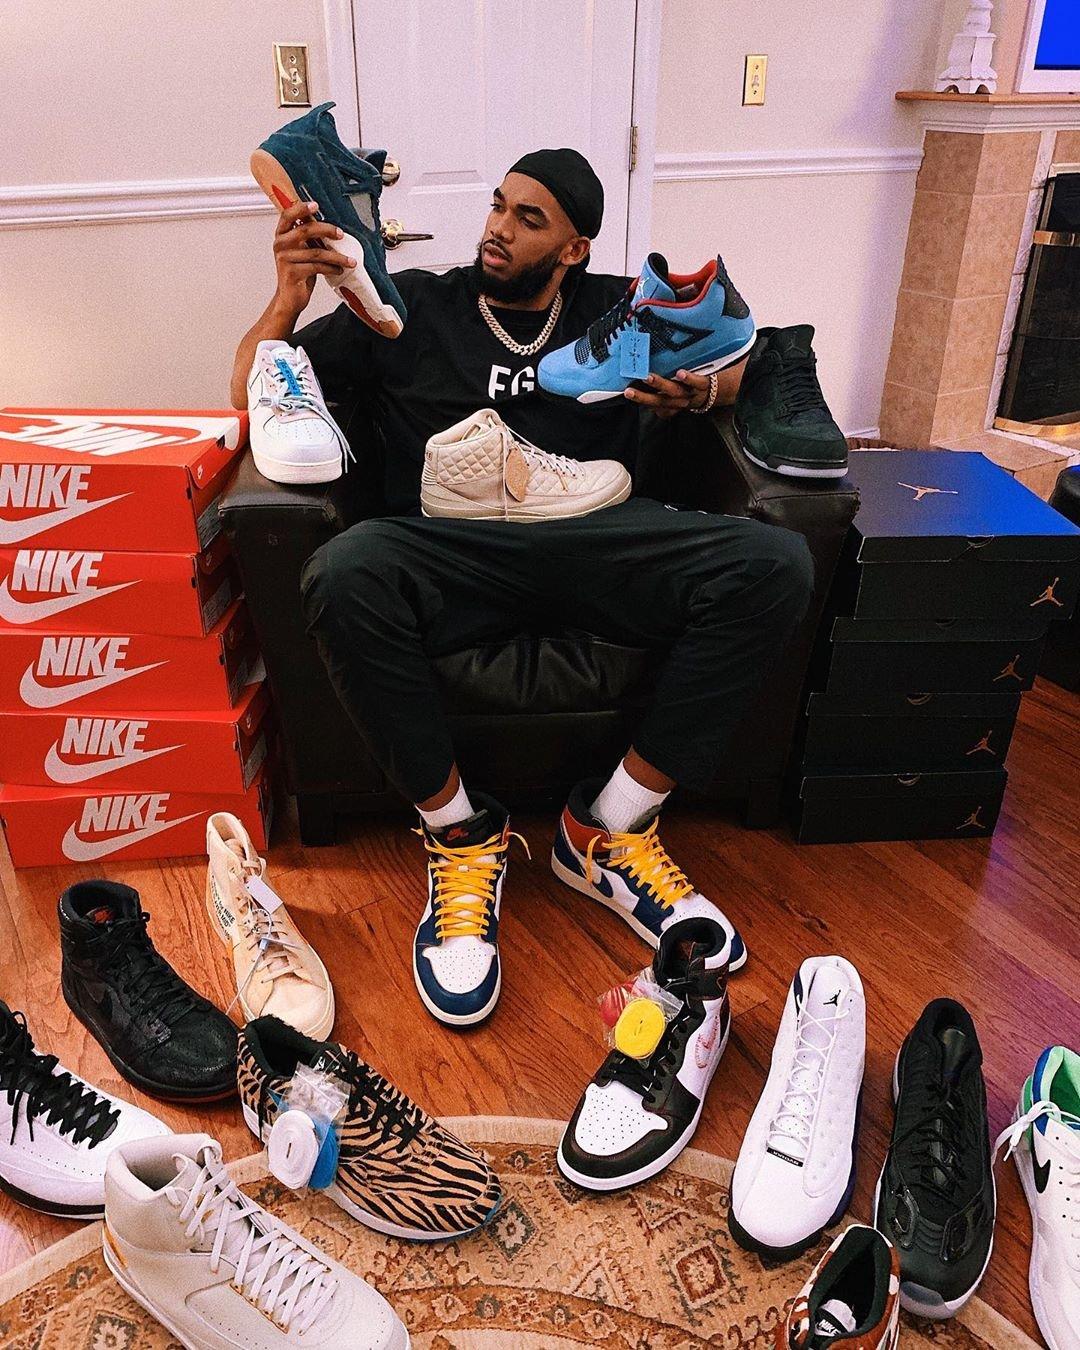 鞋圈大佬?Towns社媒曬出自己與多雙球鞋的合照-Haters-黑特籃球NBA新聞影音圖片分享社區